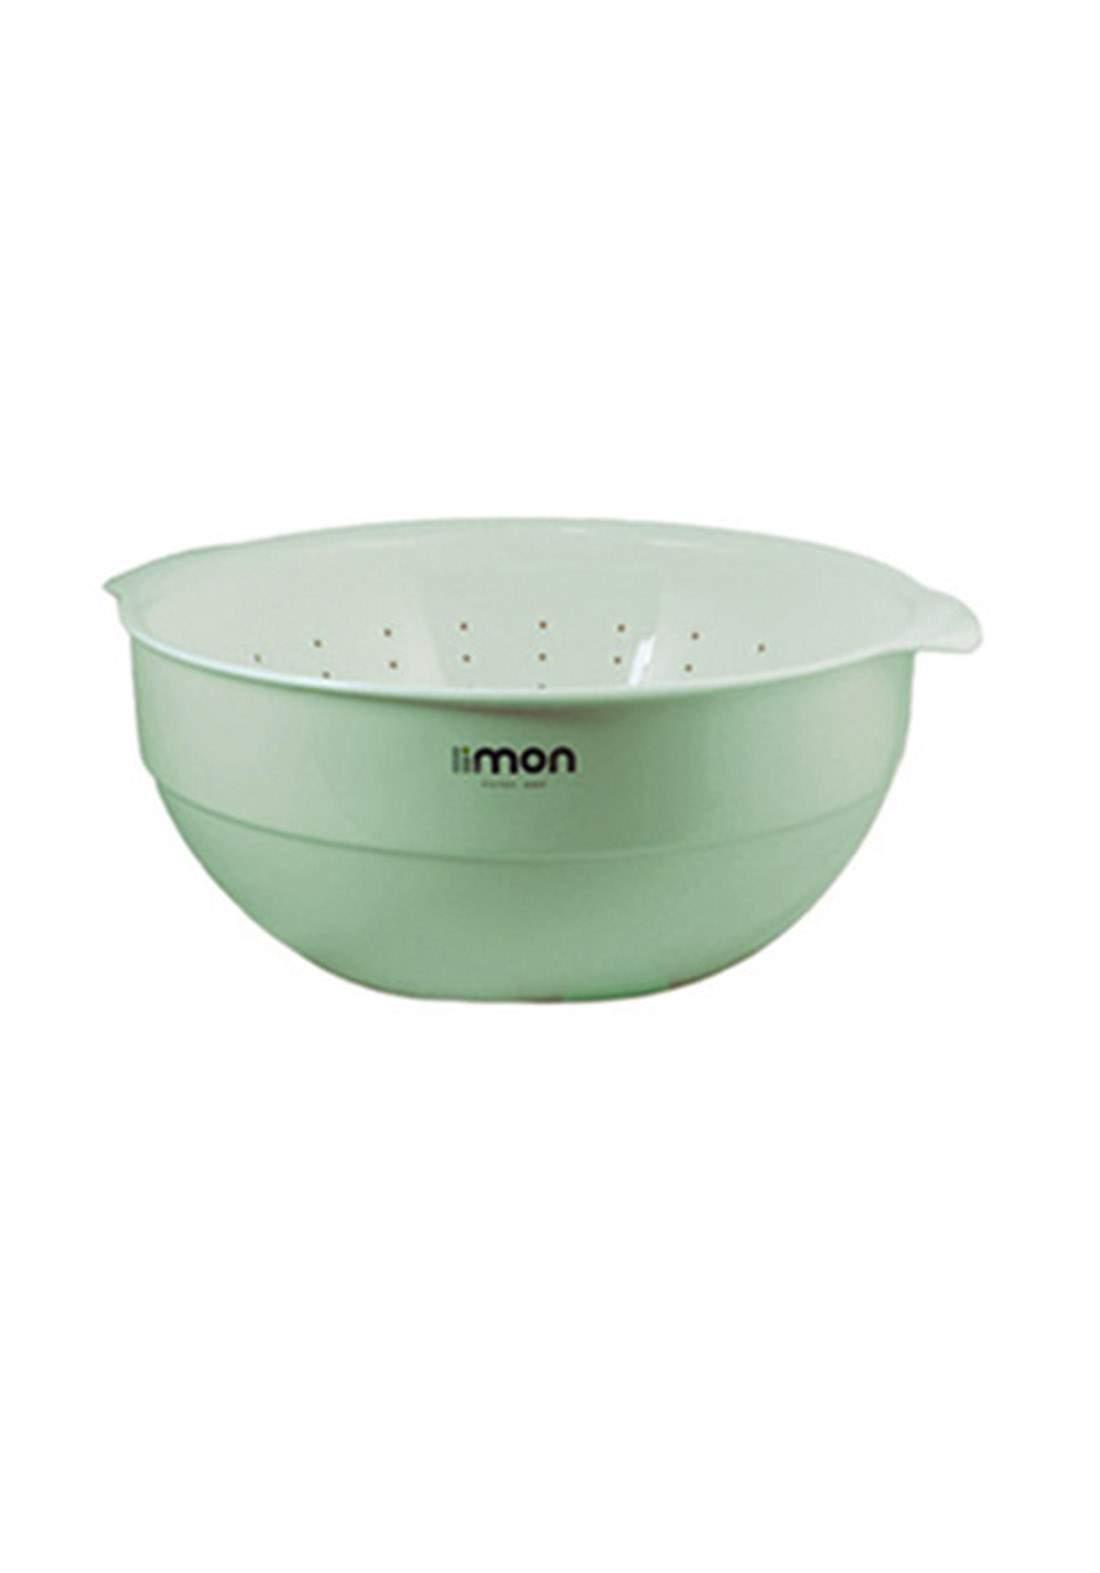 وعاء مع مصفي من ليمون